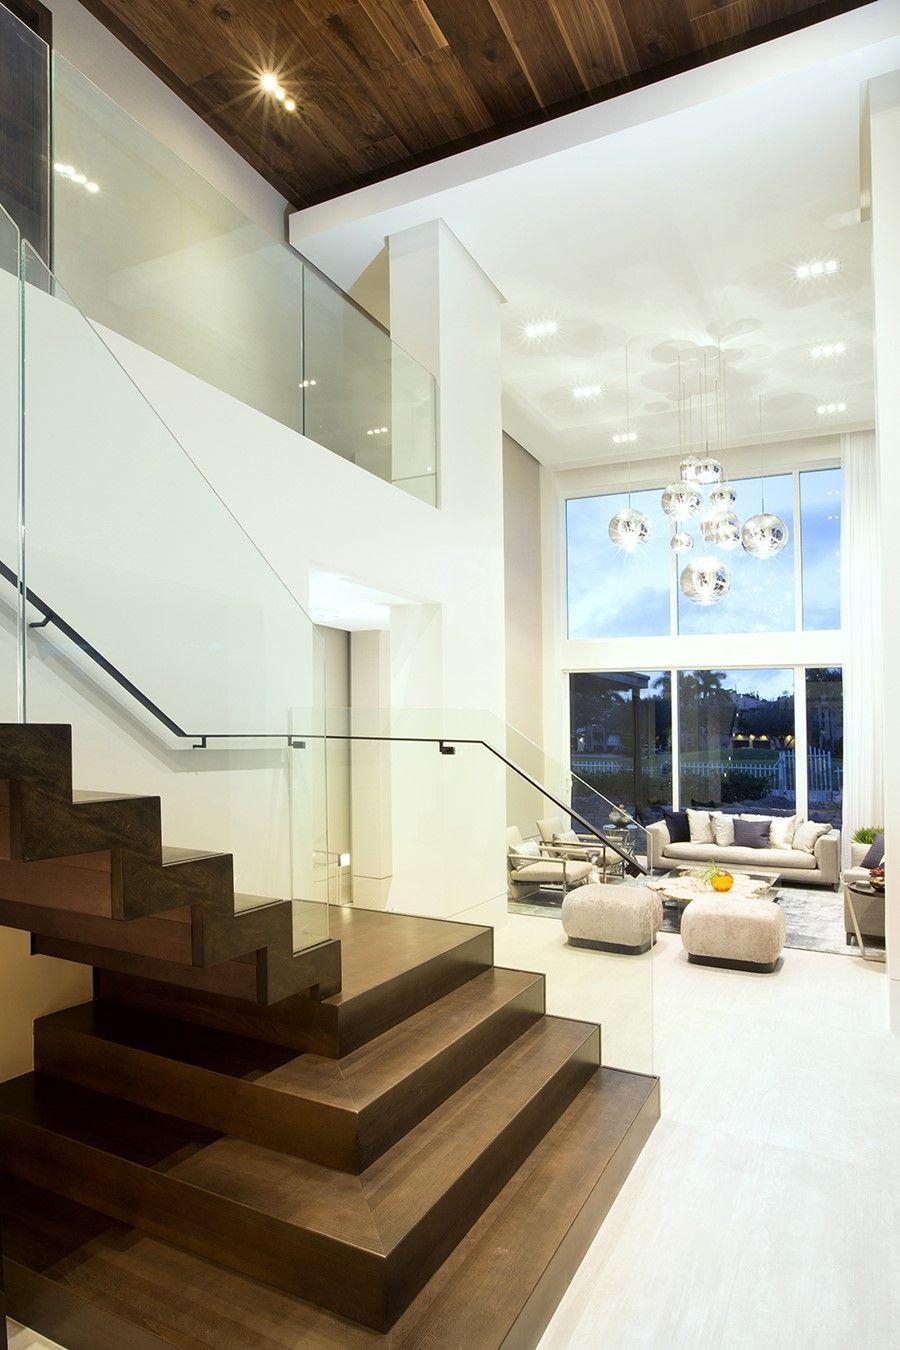 Pin de Mara Diaz en Diseño de interiores | Pinterest | Escalera ...